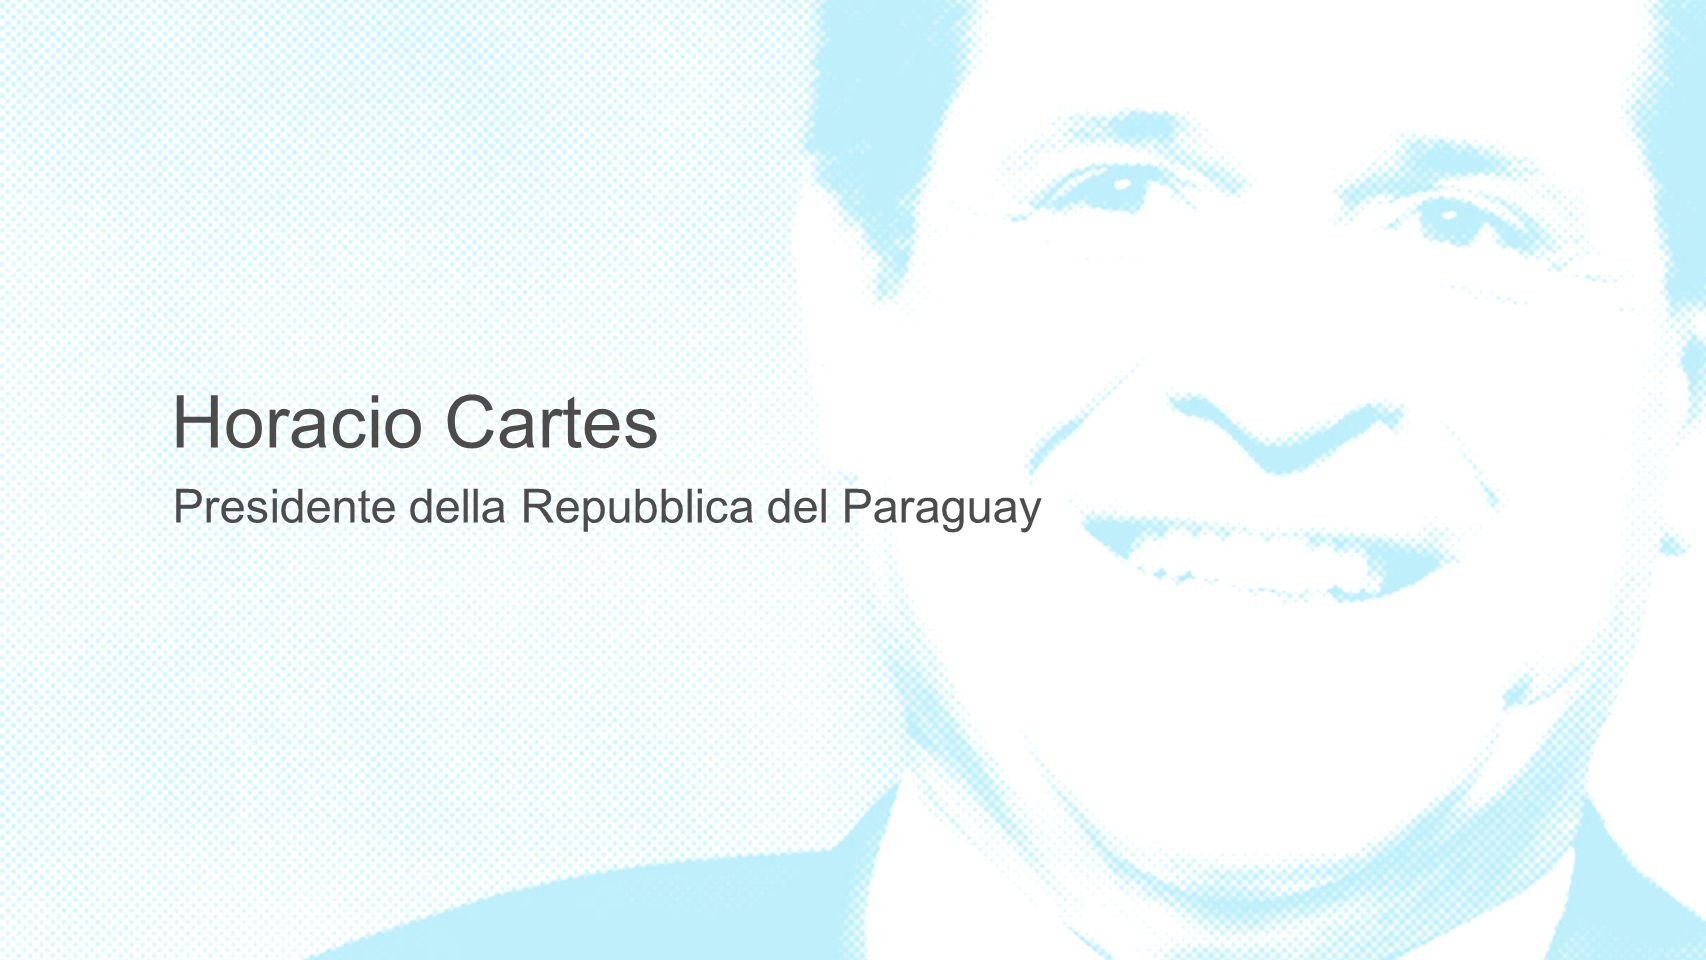 3 Horacio Cartes Presidente della Repubblica del Paraguay 3 3